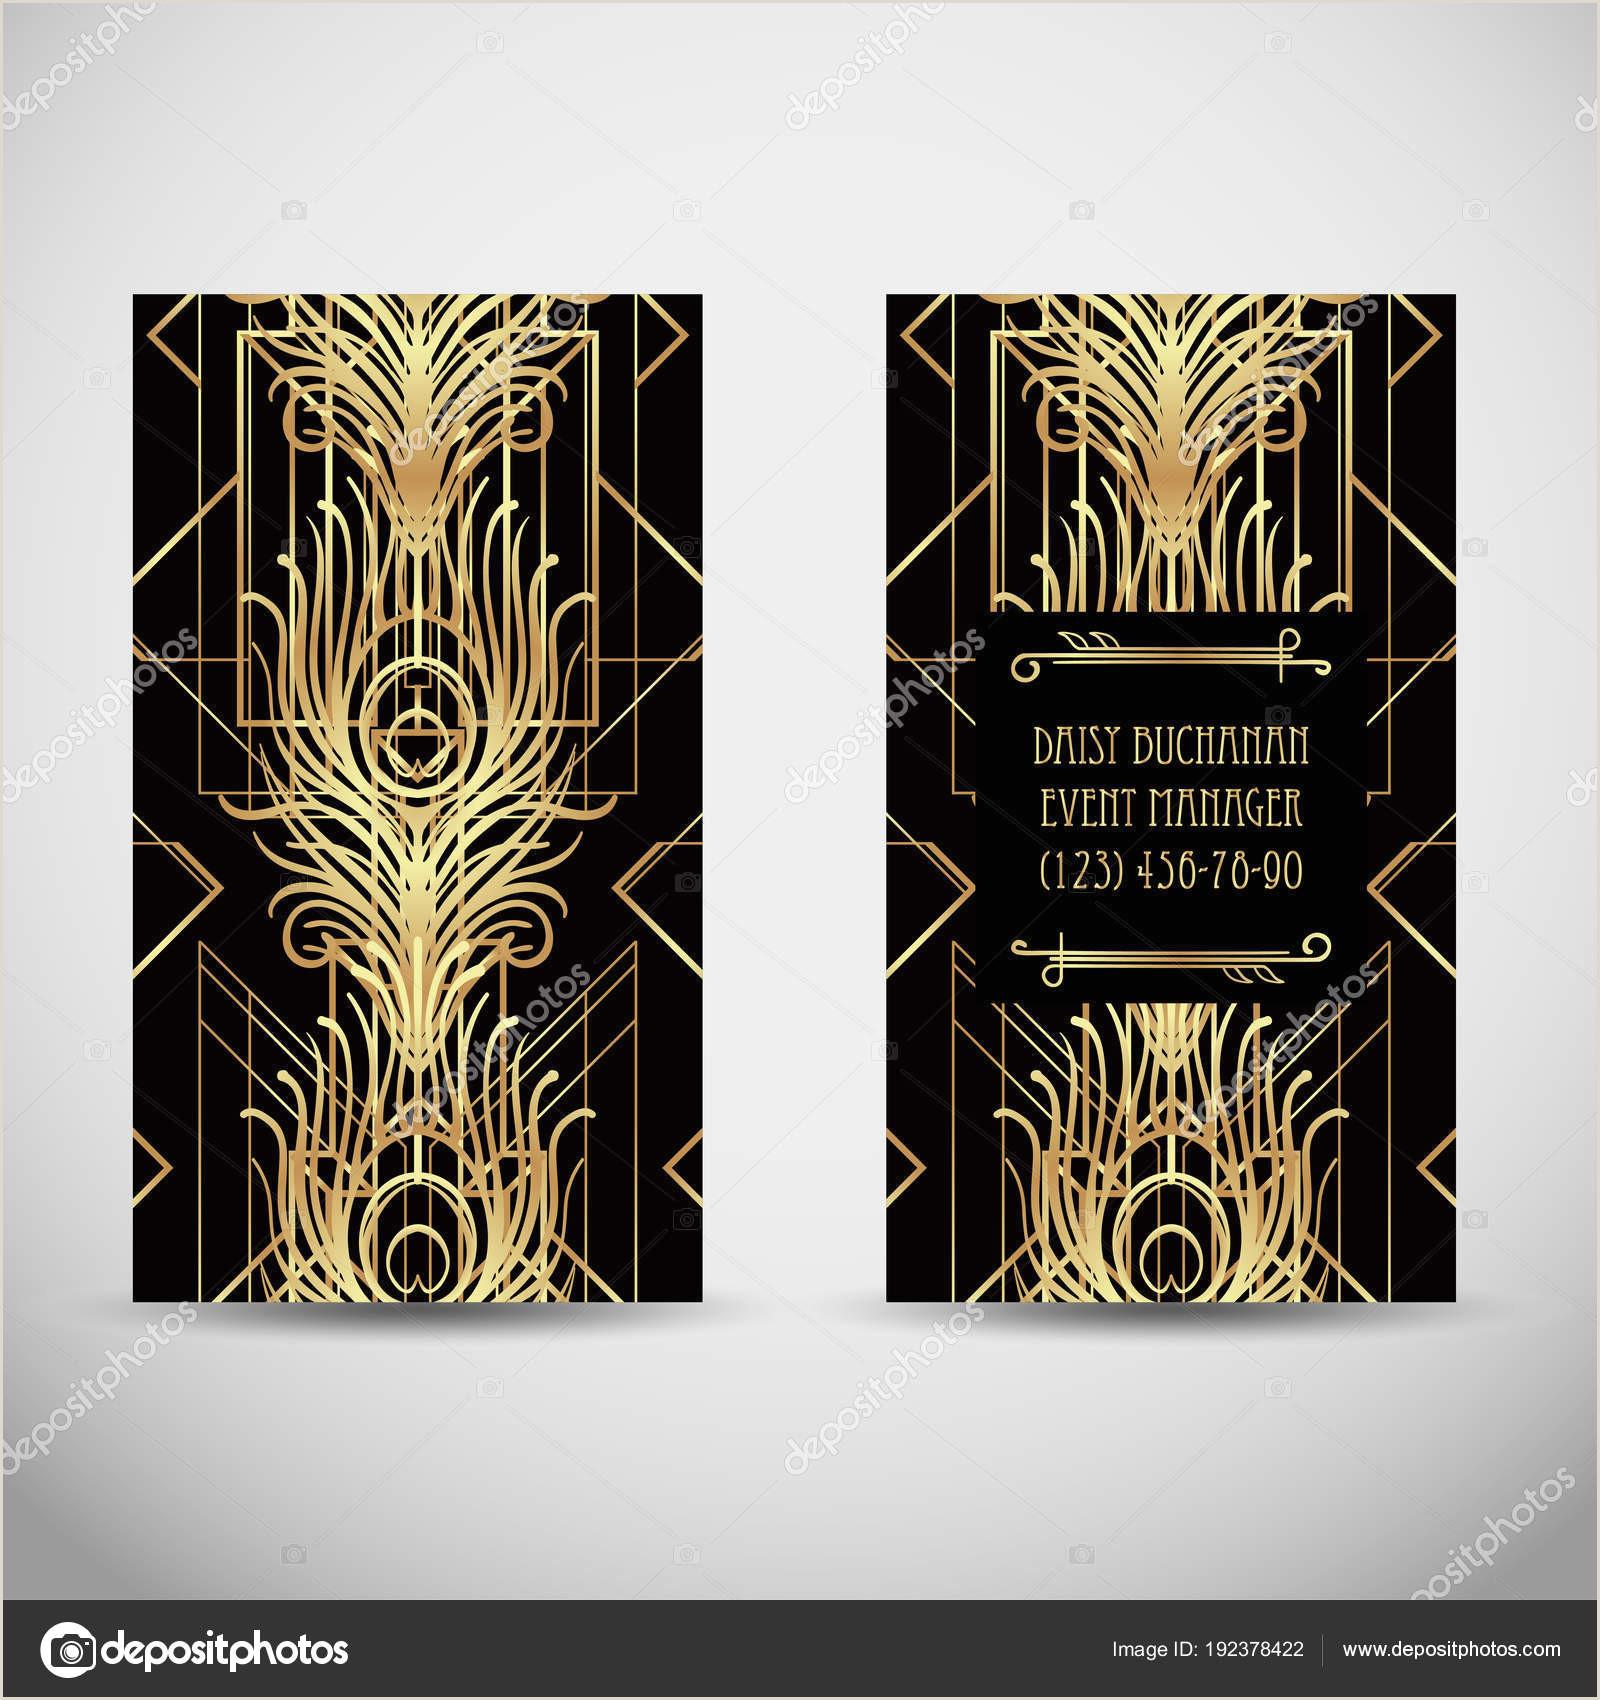 Unique Artist Square Business Cards Art Deco Style Business Card